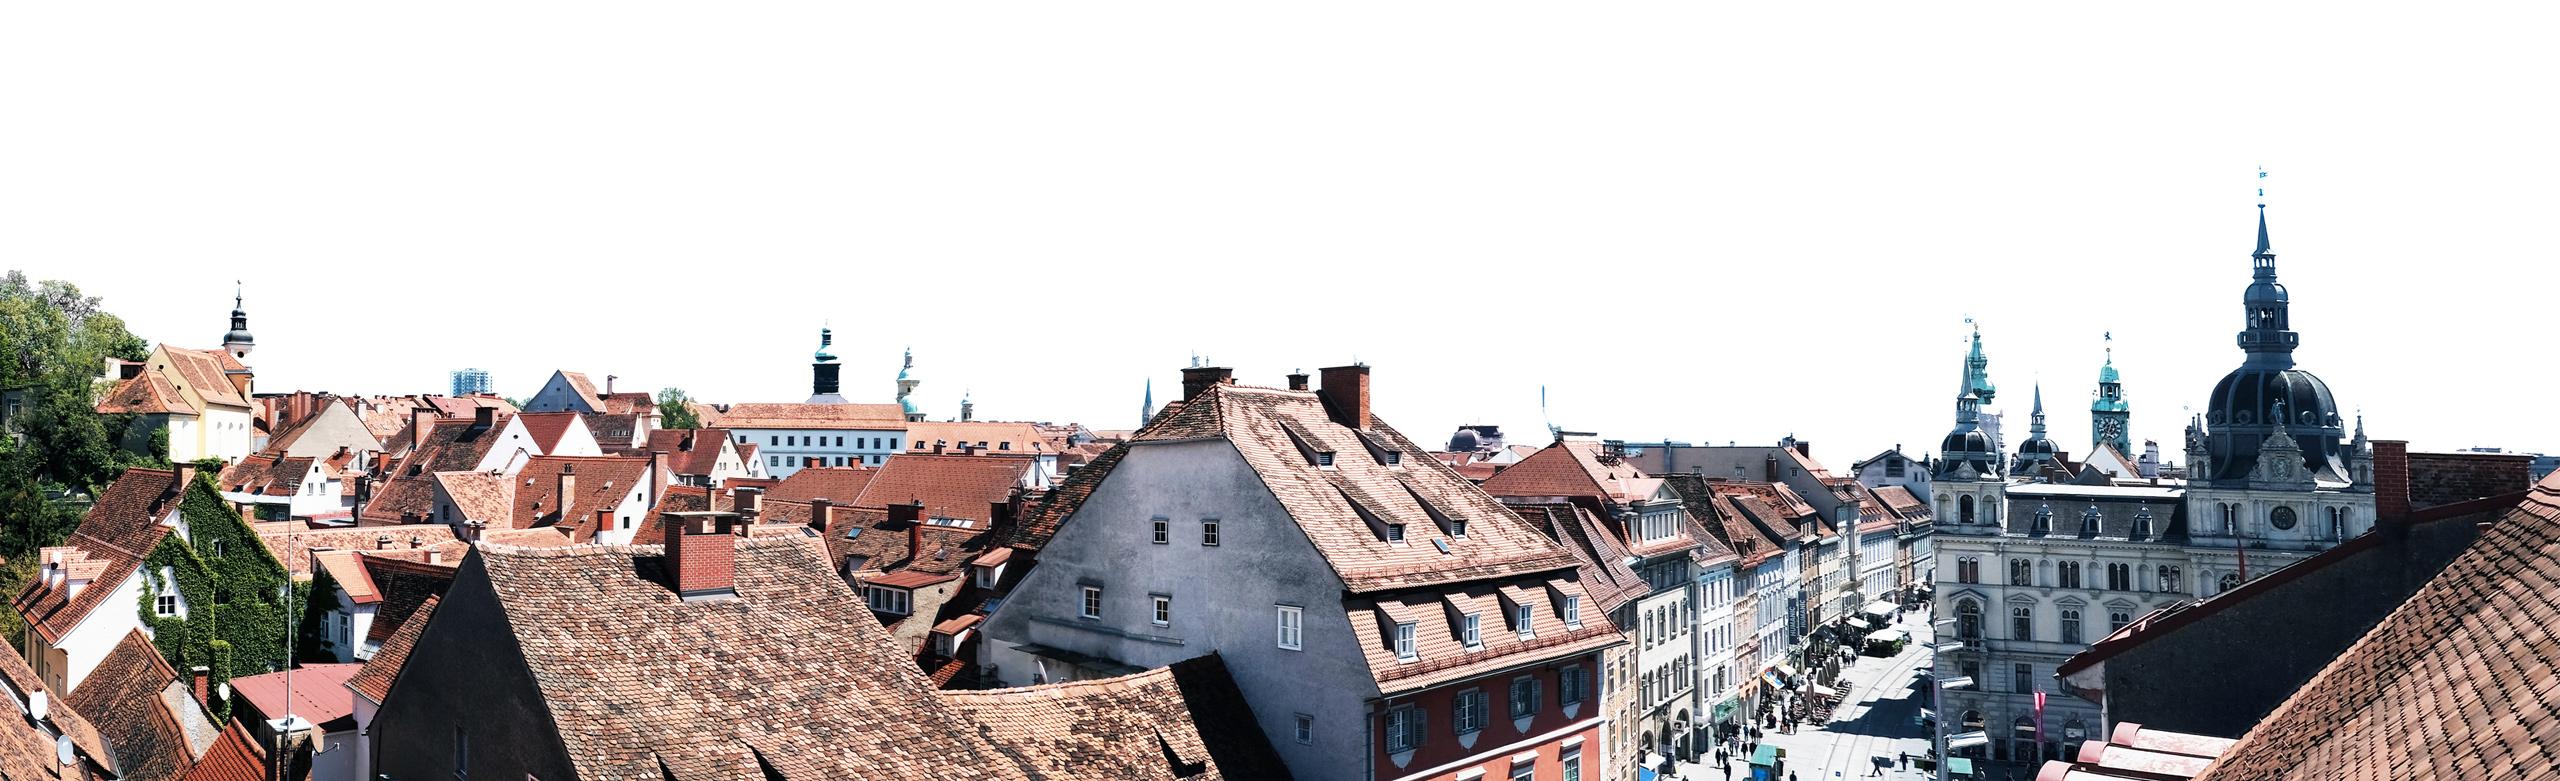 Rooftop_Sounds_Markus_Resch_05